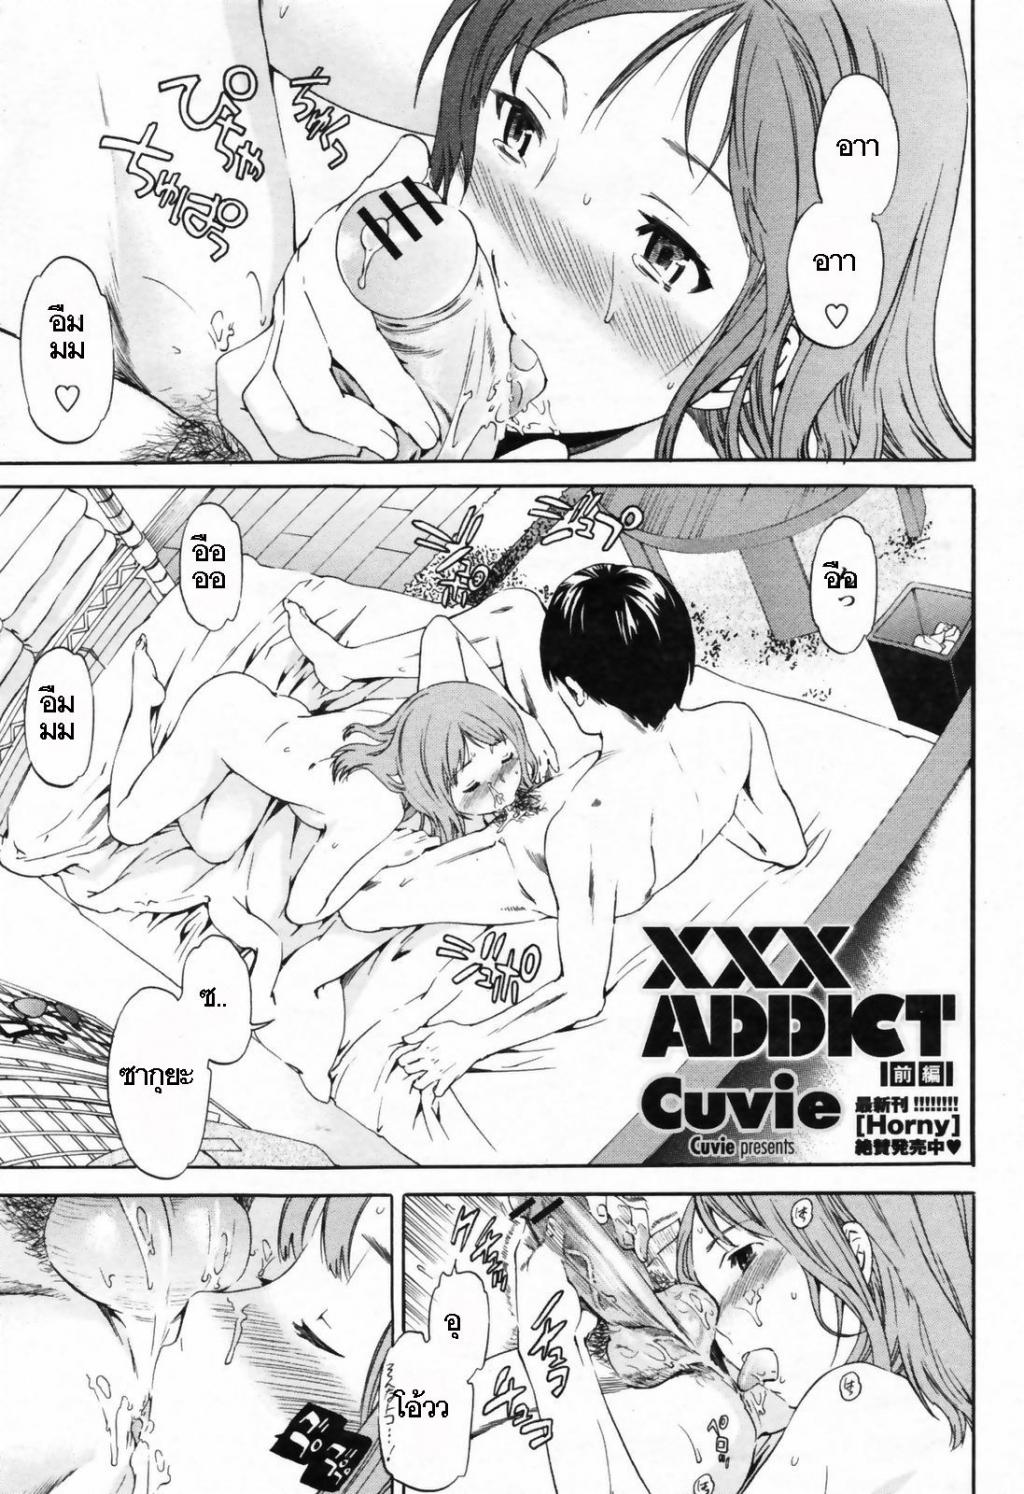 XXX Addict ความรักปนเปื้อน ตอนที่ 1